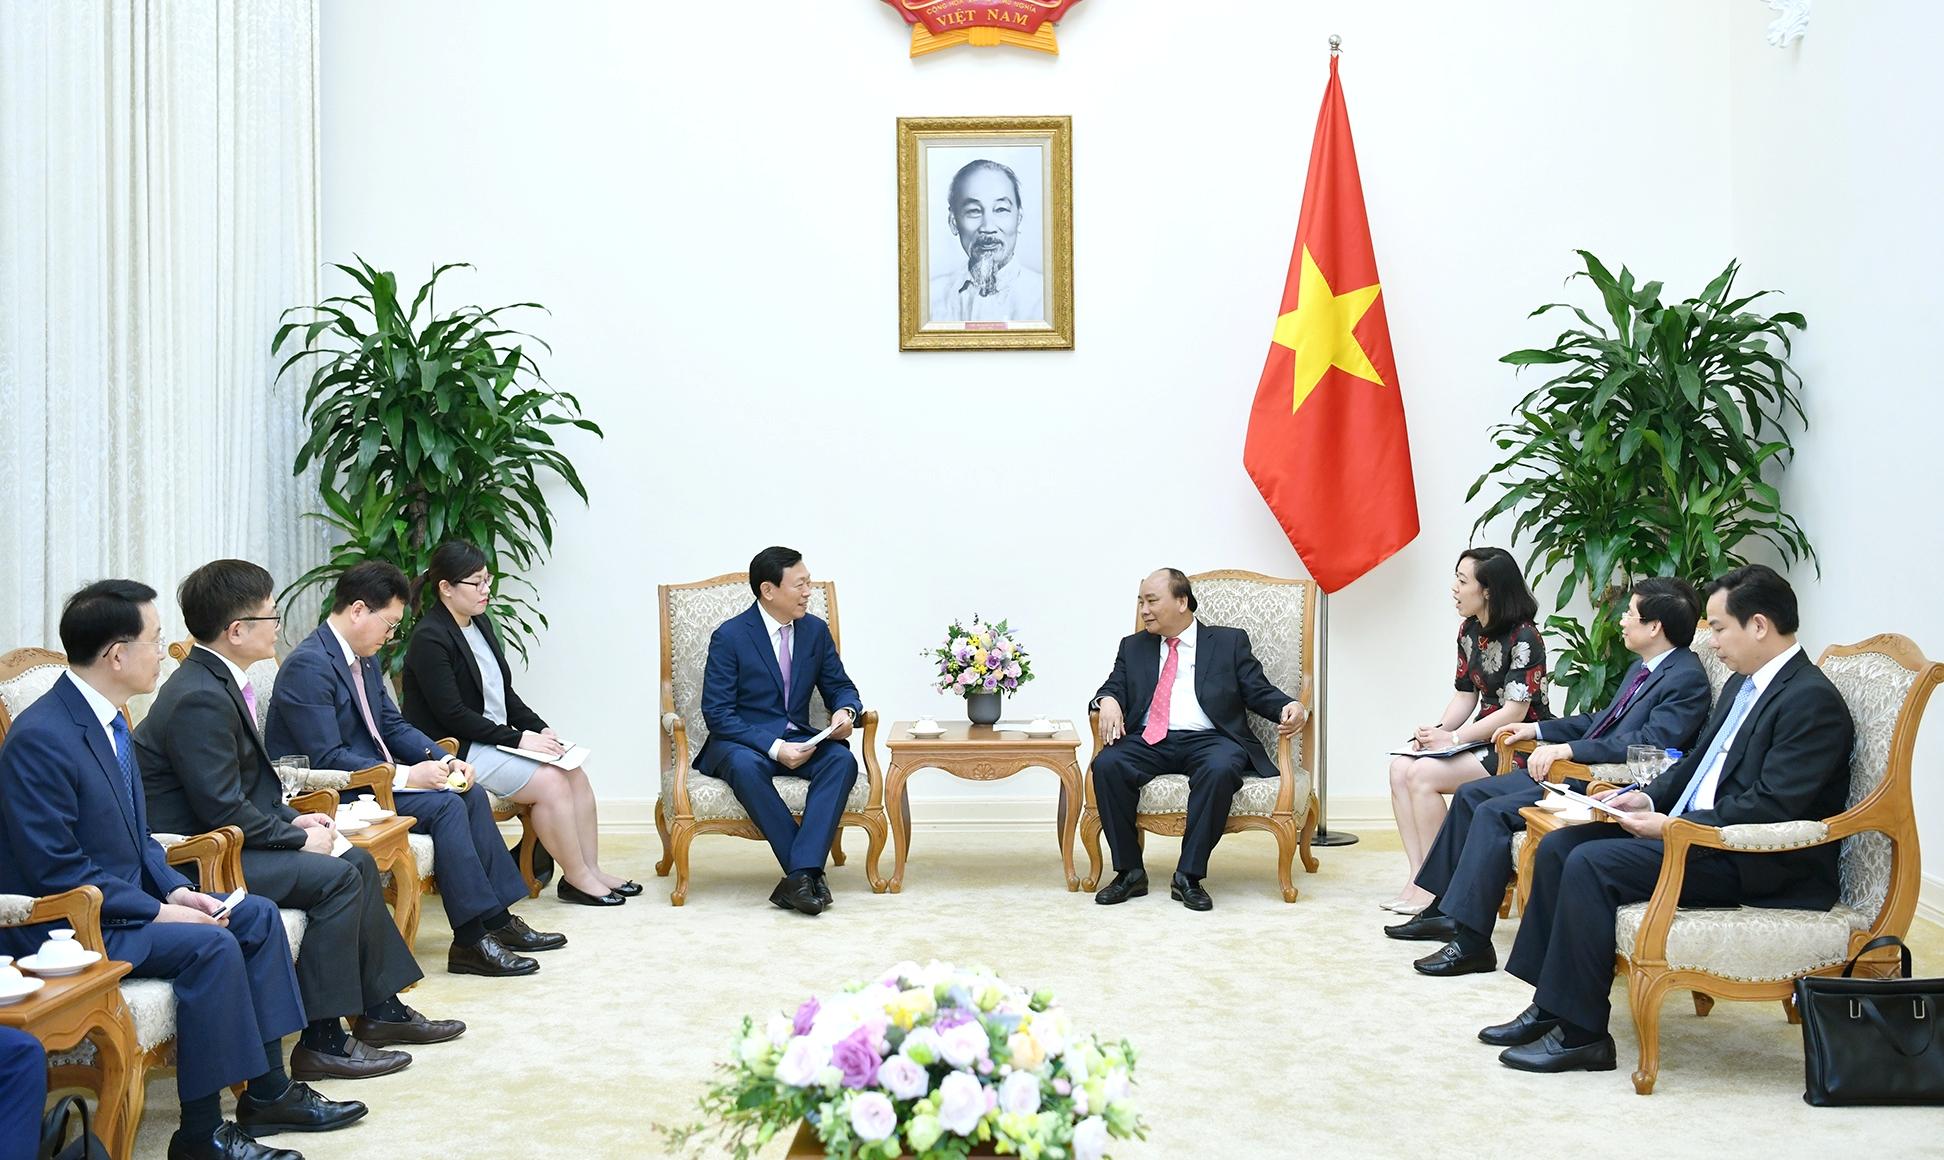 Lotte sẽ sớm triển khai việc thành lập quỹ start-up cho thanh niên tại Việt Nam